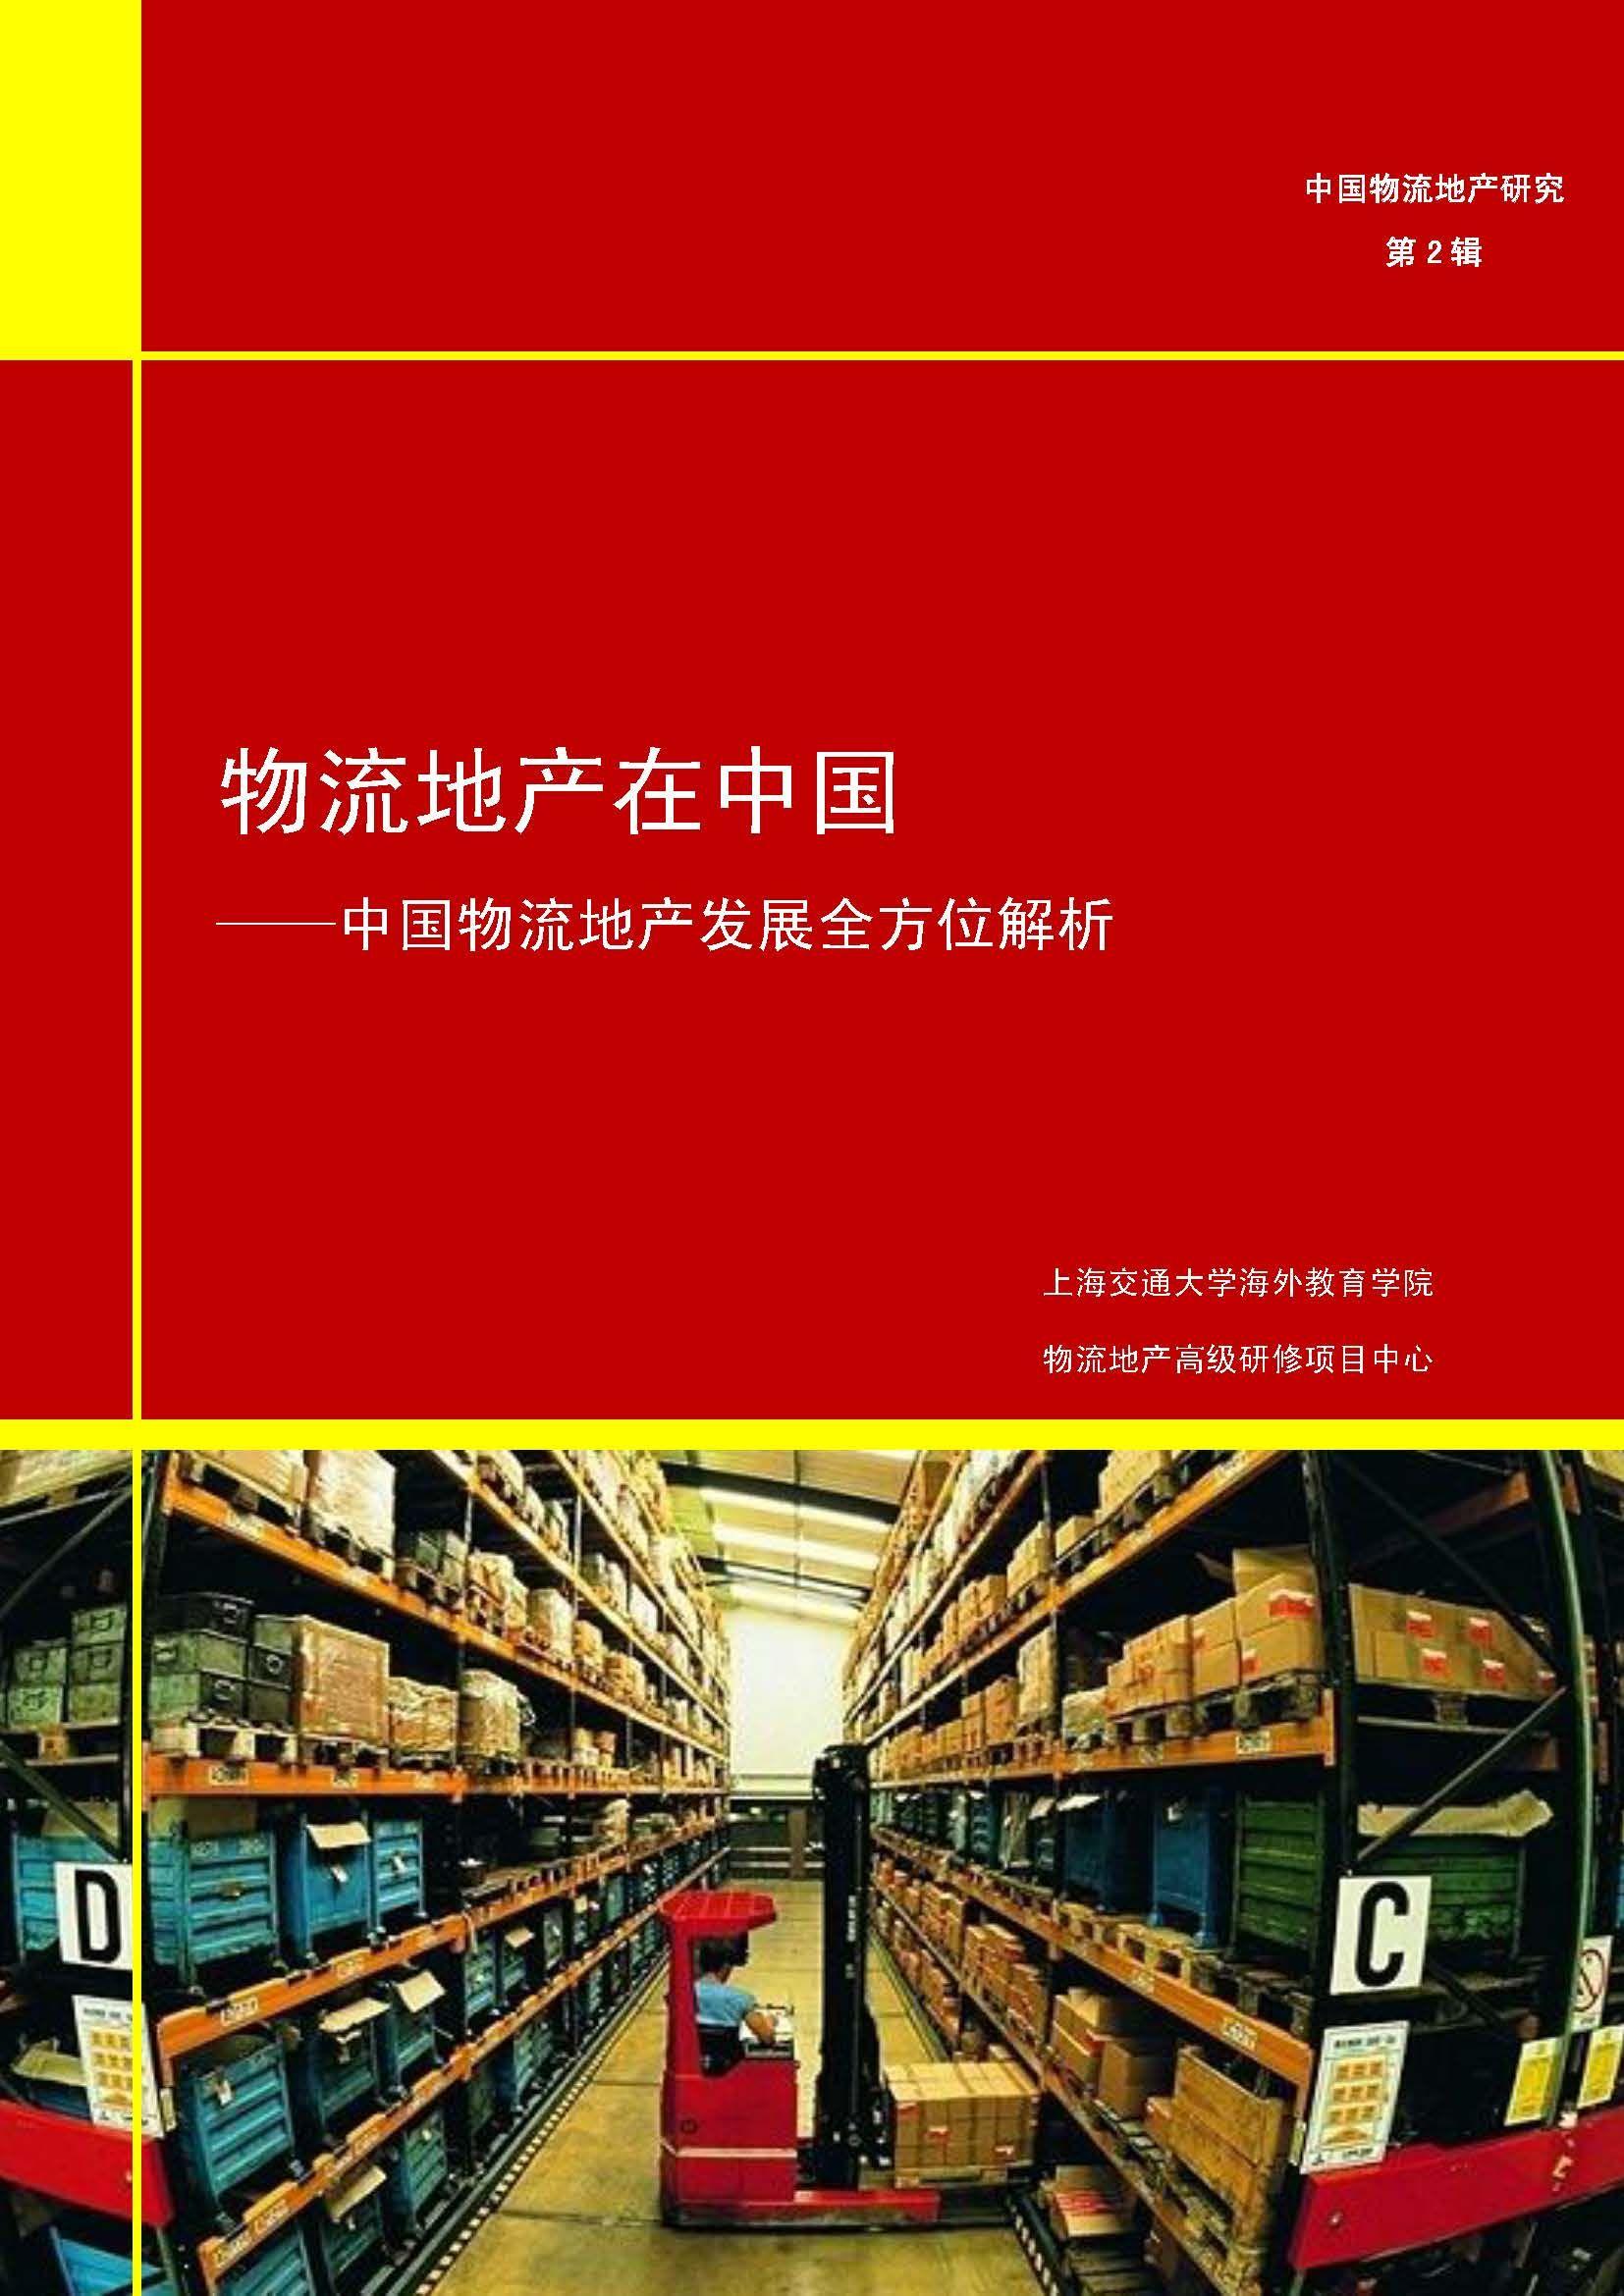 物流地产在中国——中国物流地产发展全方位解析(附完整报告下载)